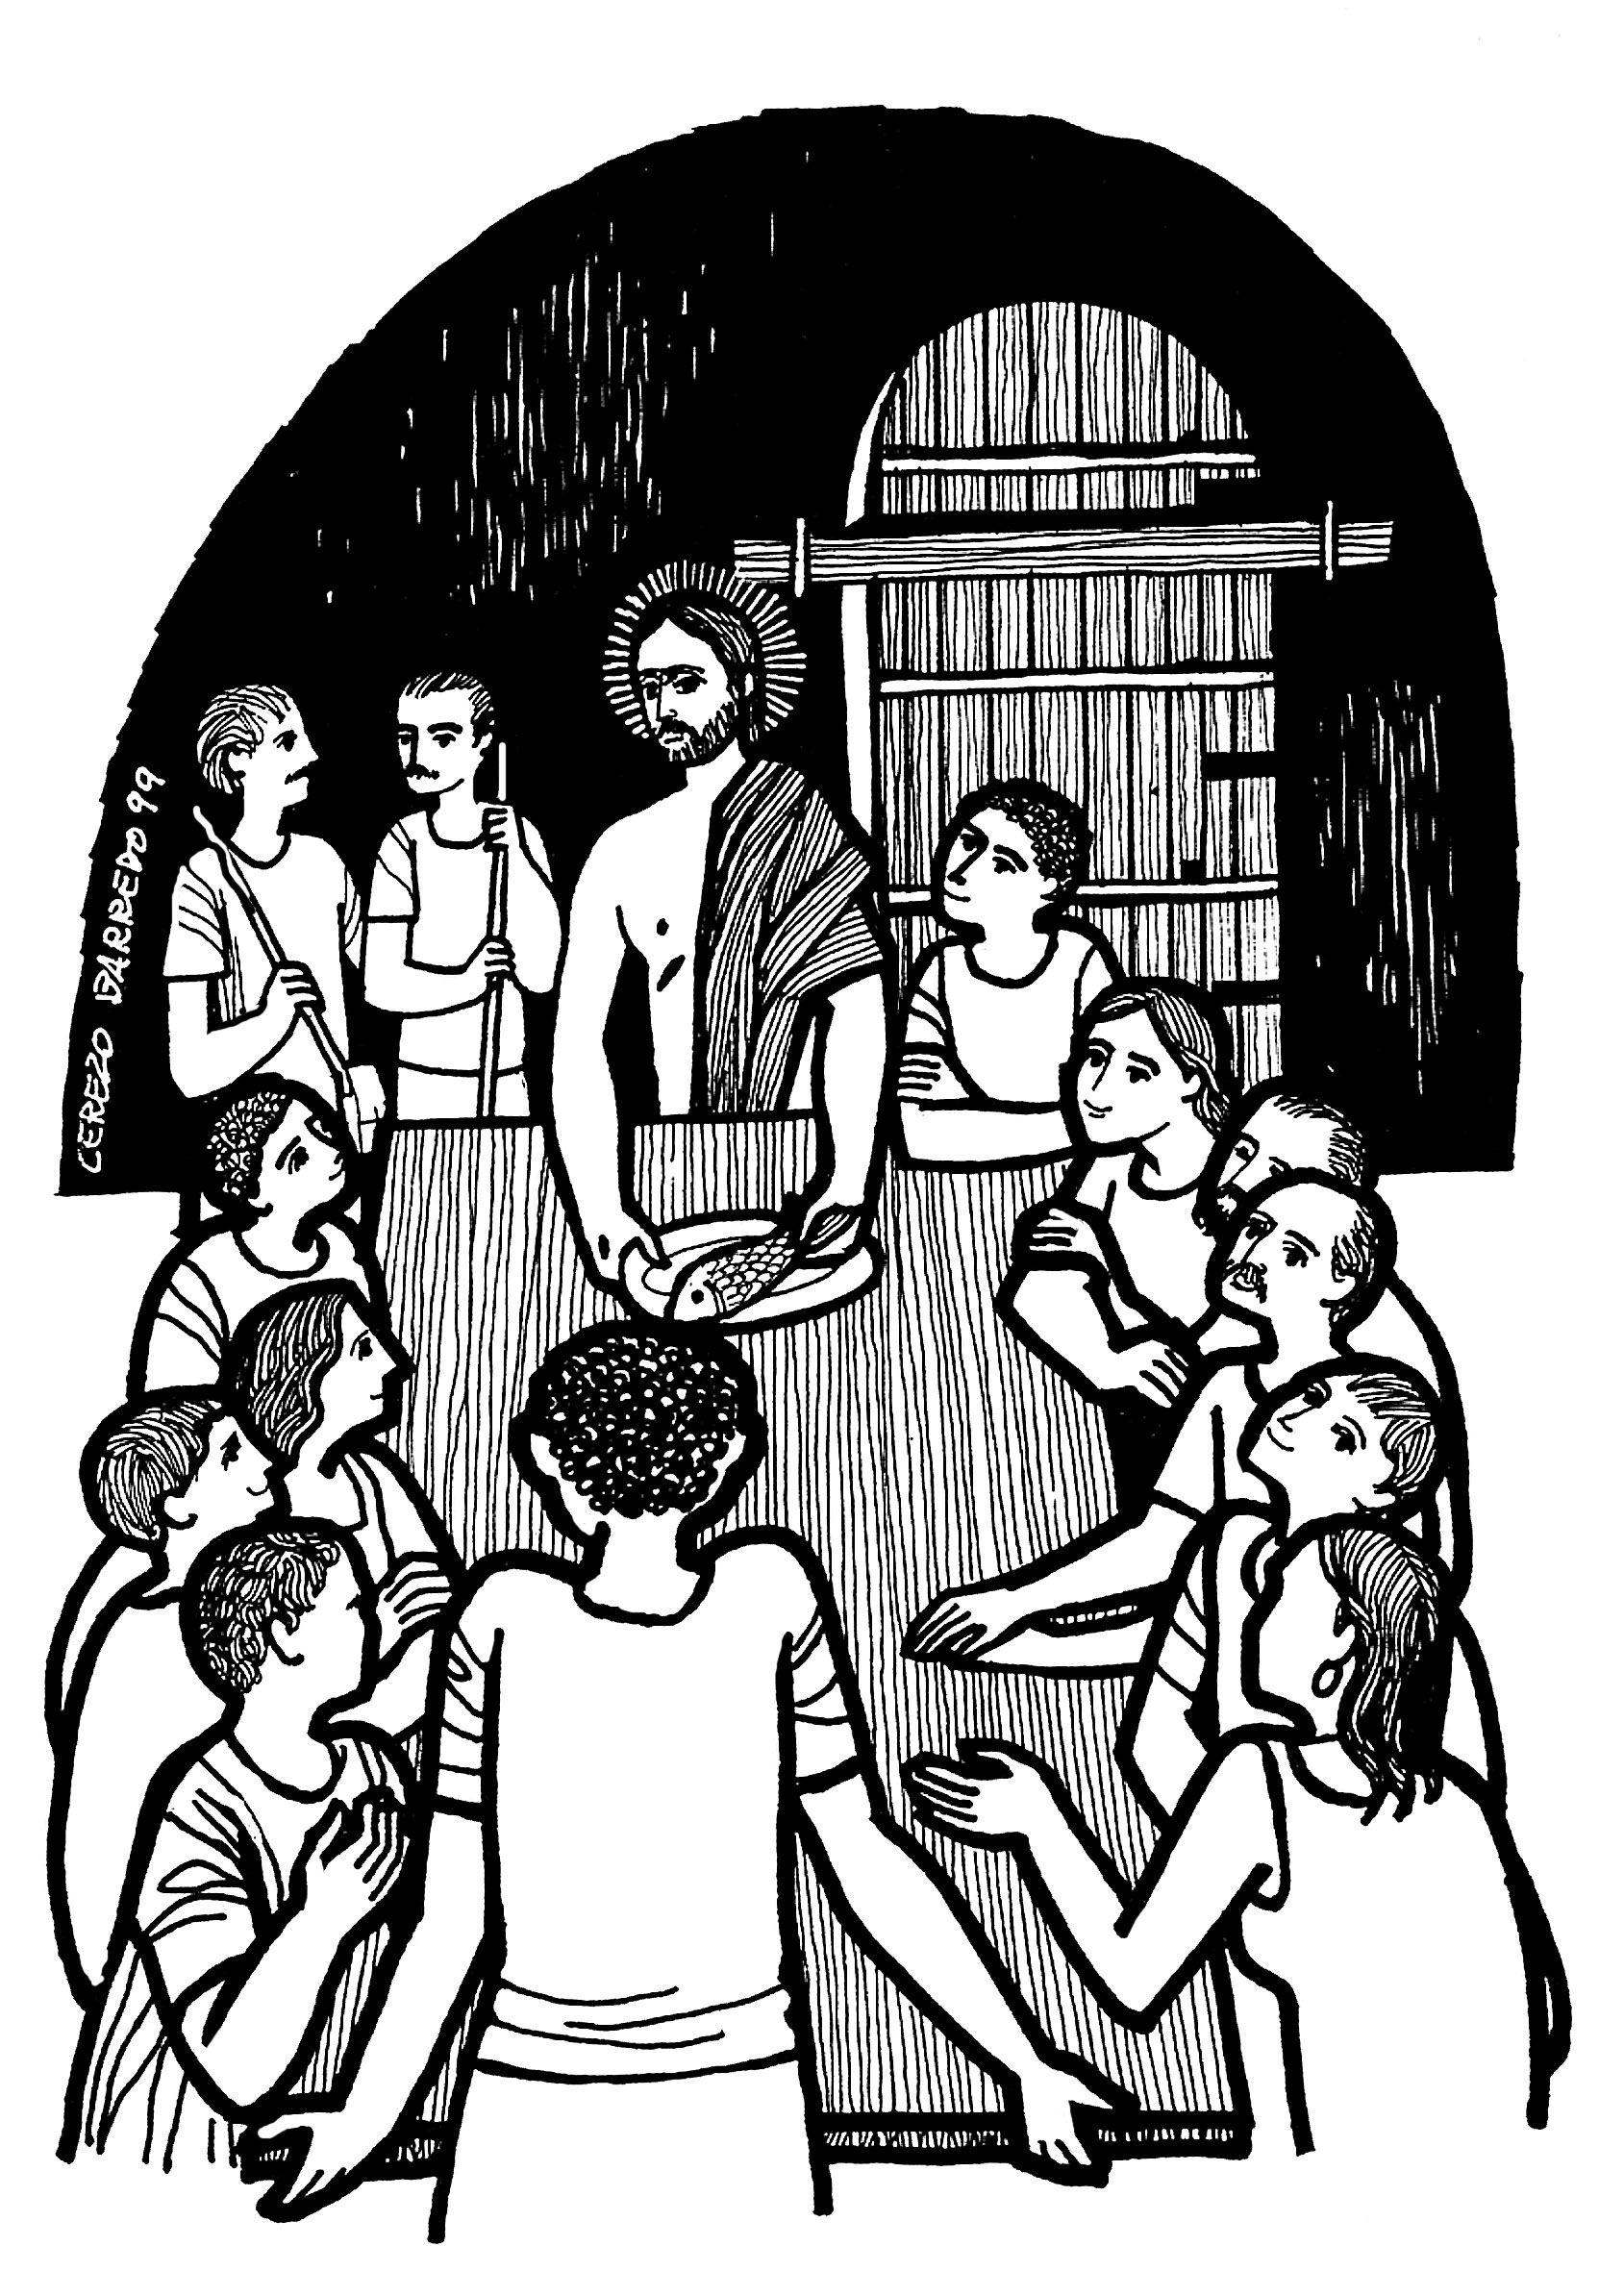 Evangelio Del Día Lecturas De Hoy Domingo 12 De Abril De 2015 Evangelio Evangelio Segun San Lucas Evangelio Del Dia